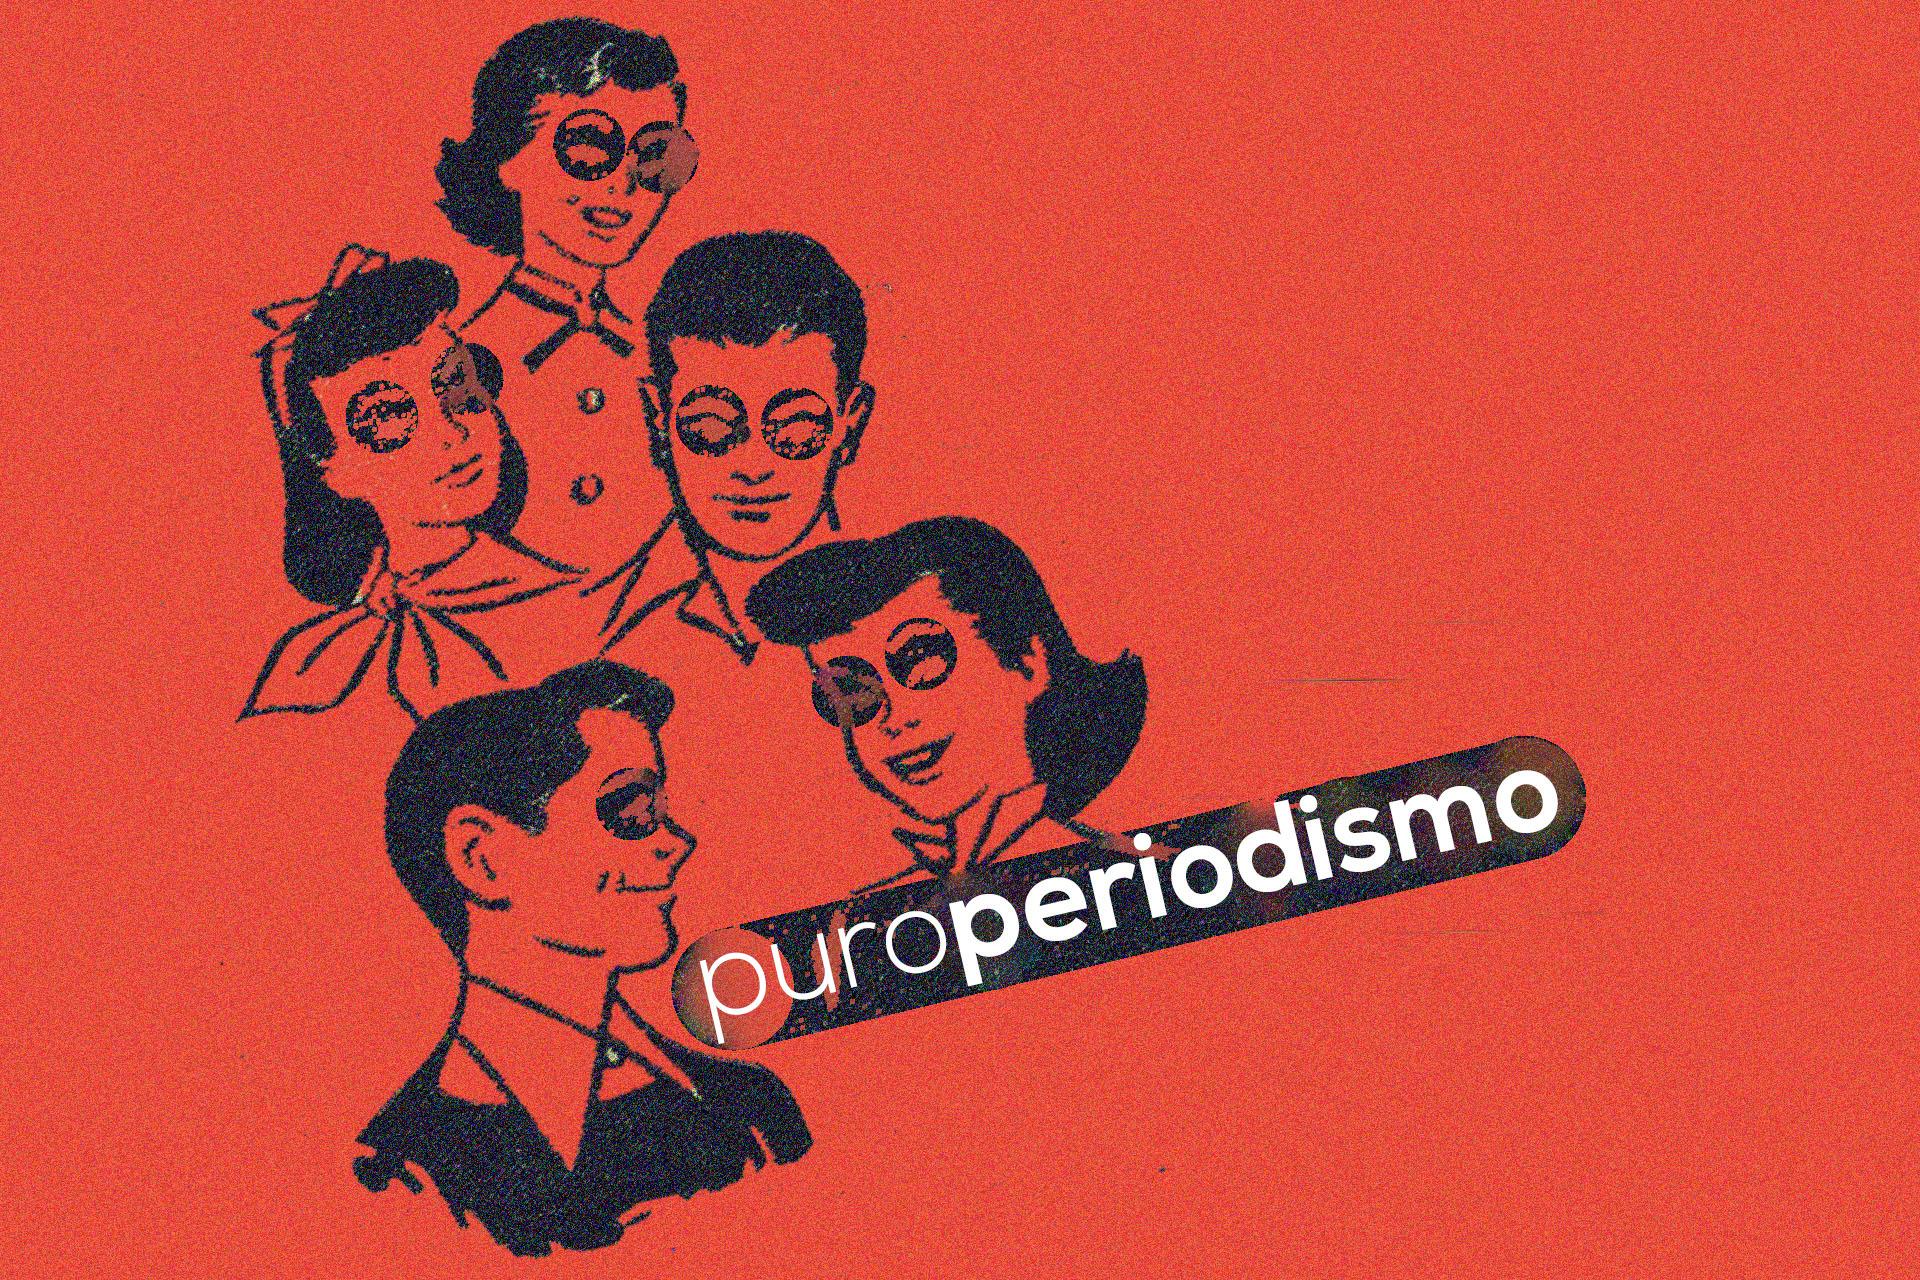 Composición: Patricio Contreras